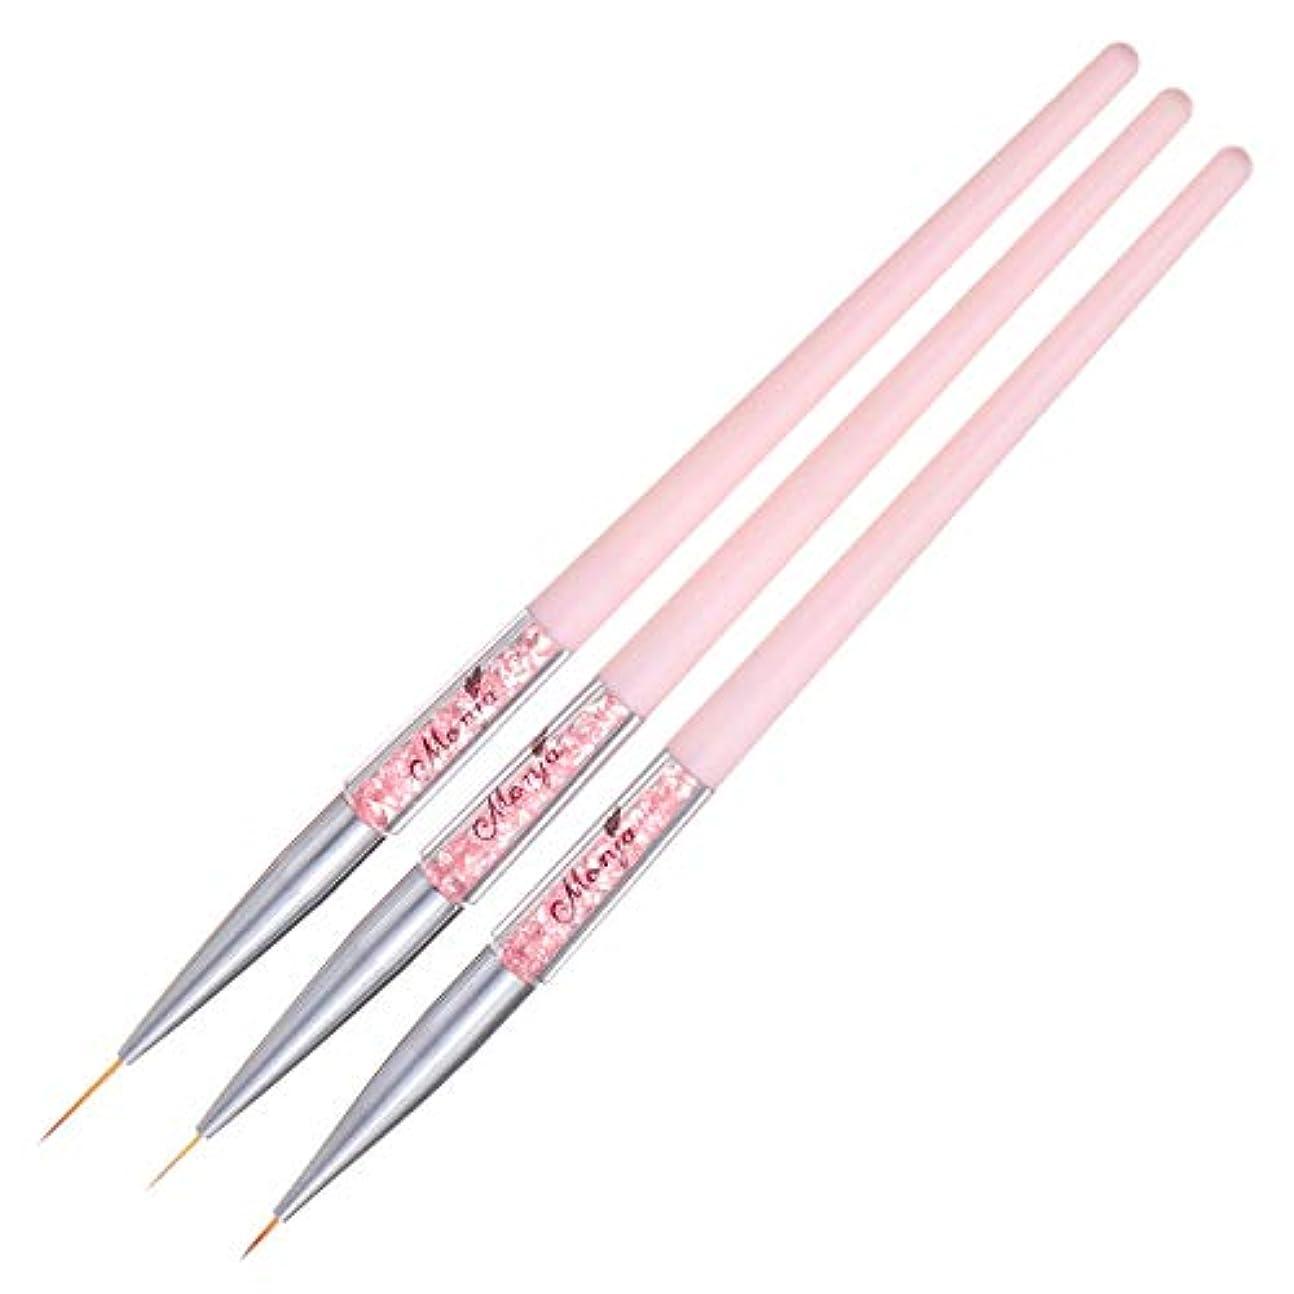 マトンアプトアジア人Kingsie ネールアートペン 3本セット おしゃれ 極細 ライナーブラシ ネイルブラシ ネール筆 マニキュアツールキット (ピンク)